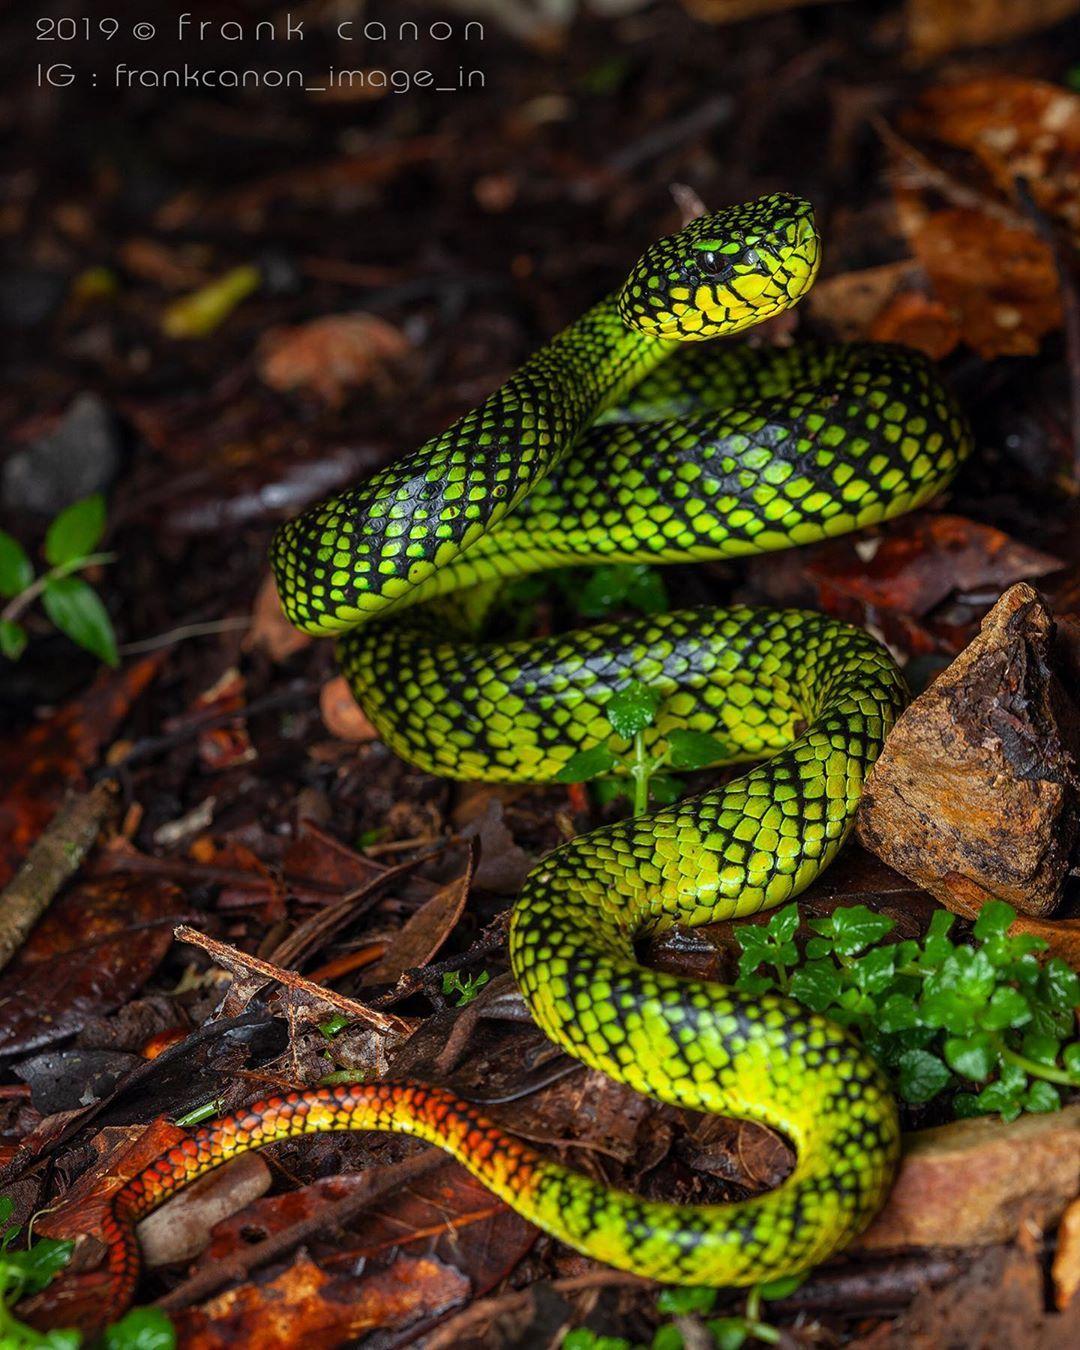 Frank Canon On Instagram Malcolm S Pit Viper Trimeresurus Malcolmi Borneo 2019 Copyright Frank Canon Reptile Snake Serpent Vipere Viper Serpientes